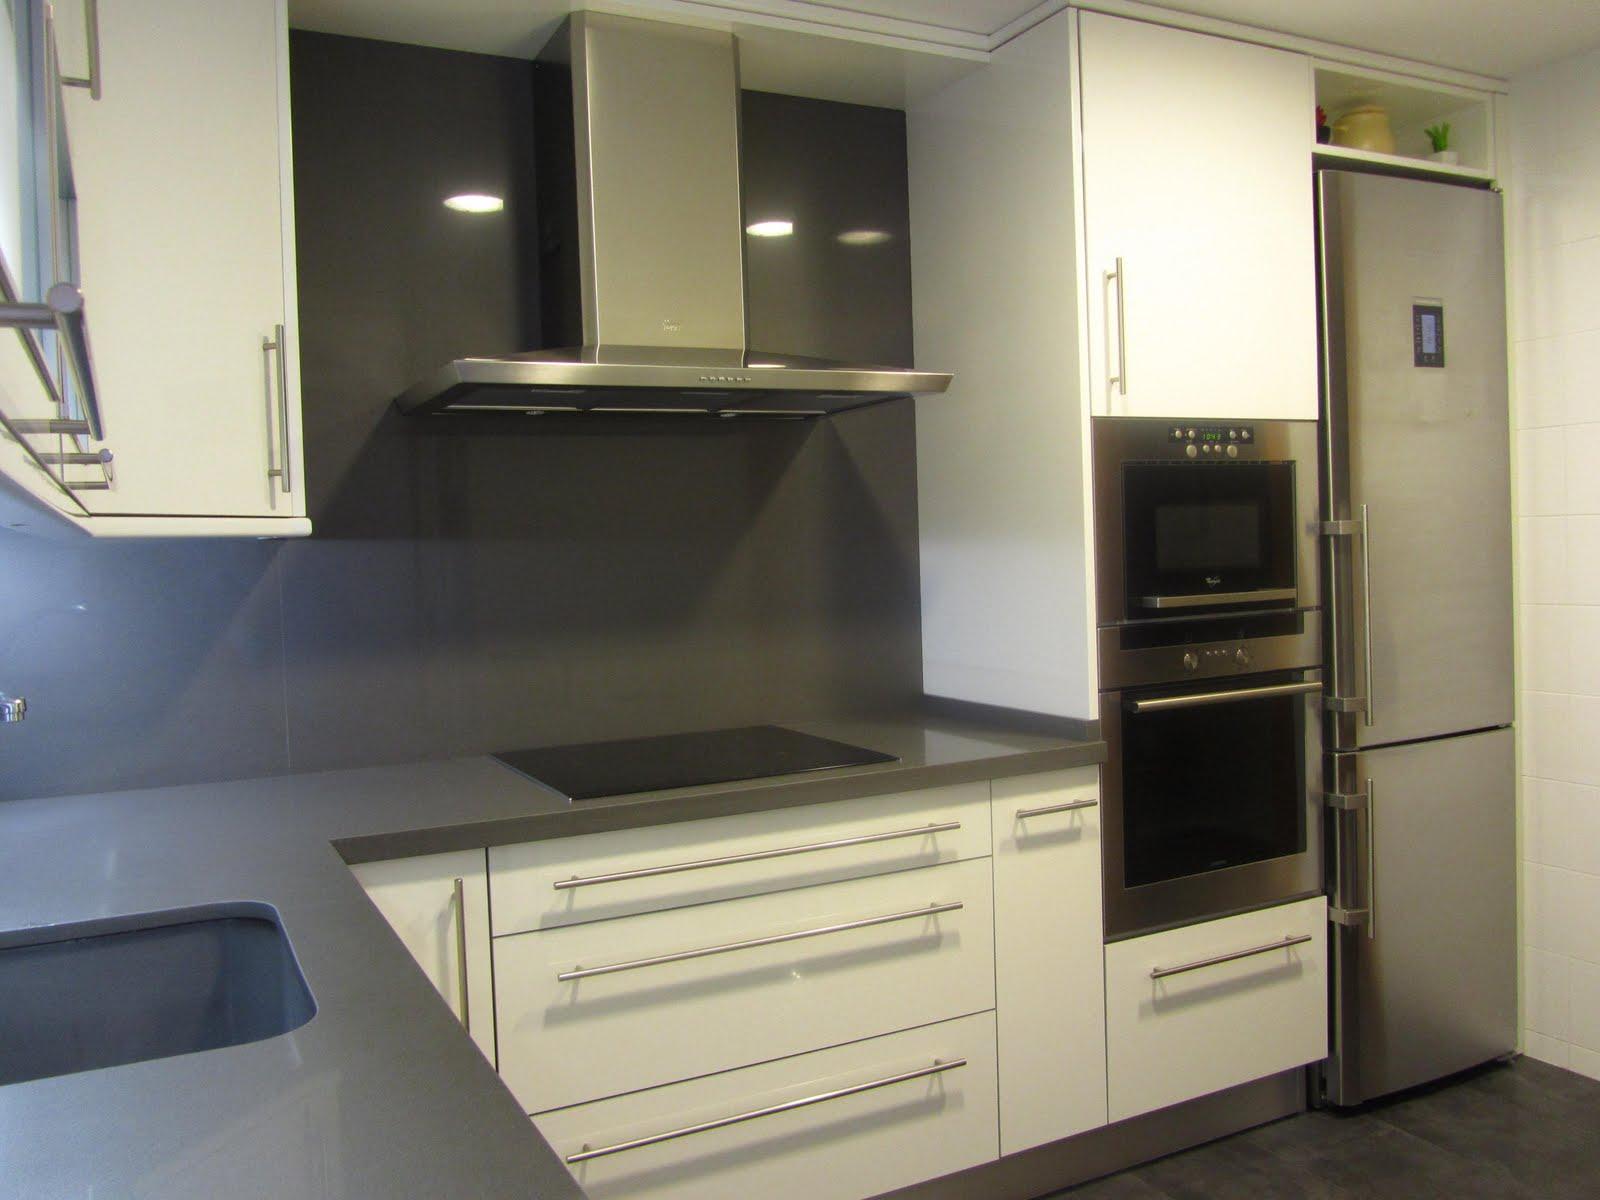 Reuscuina cocina formica blanca con silestone gris oscuro for Cocinas blancas y grises fotos